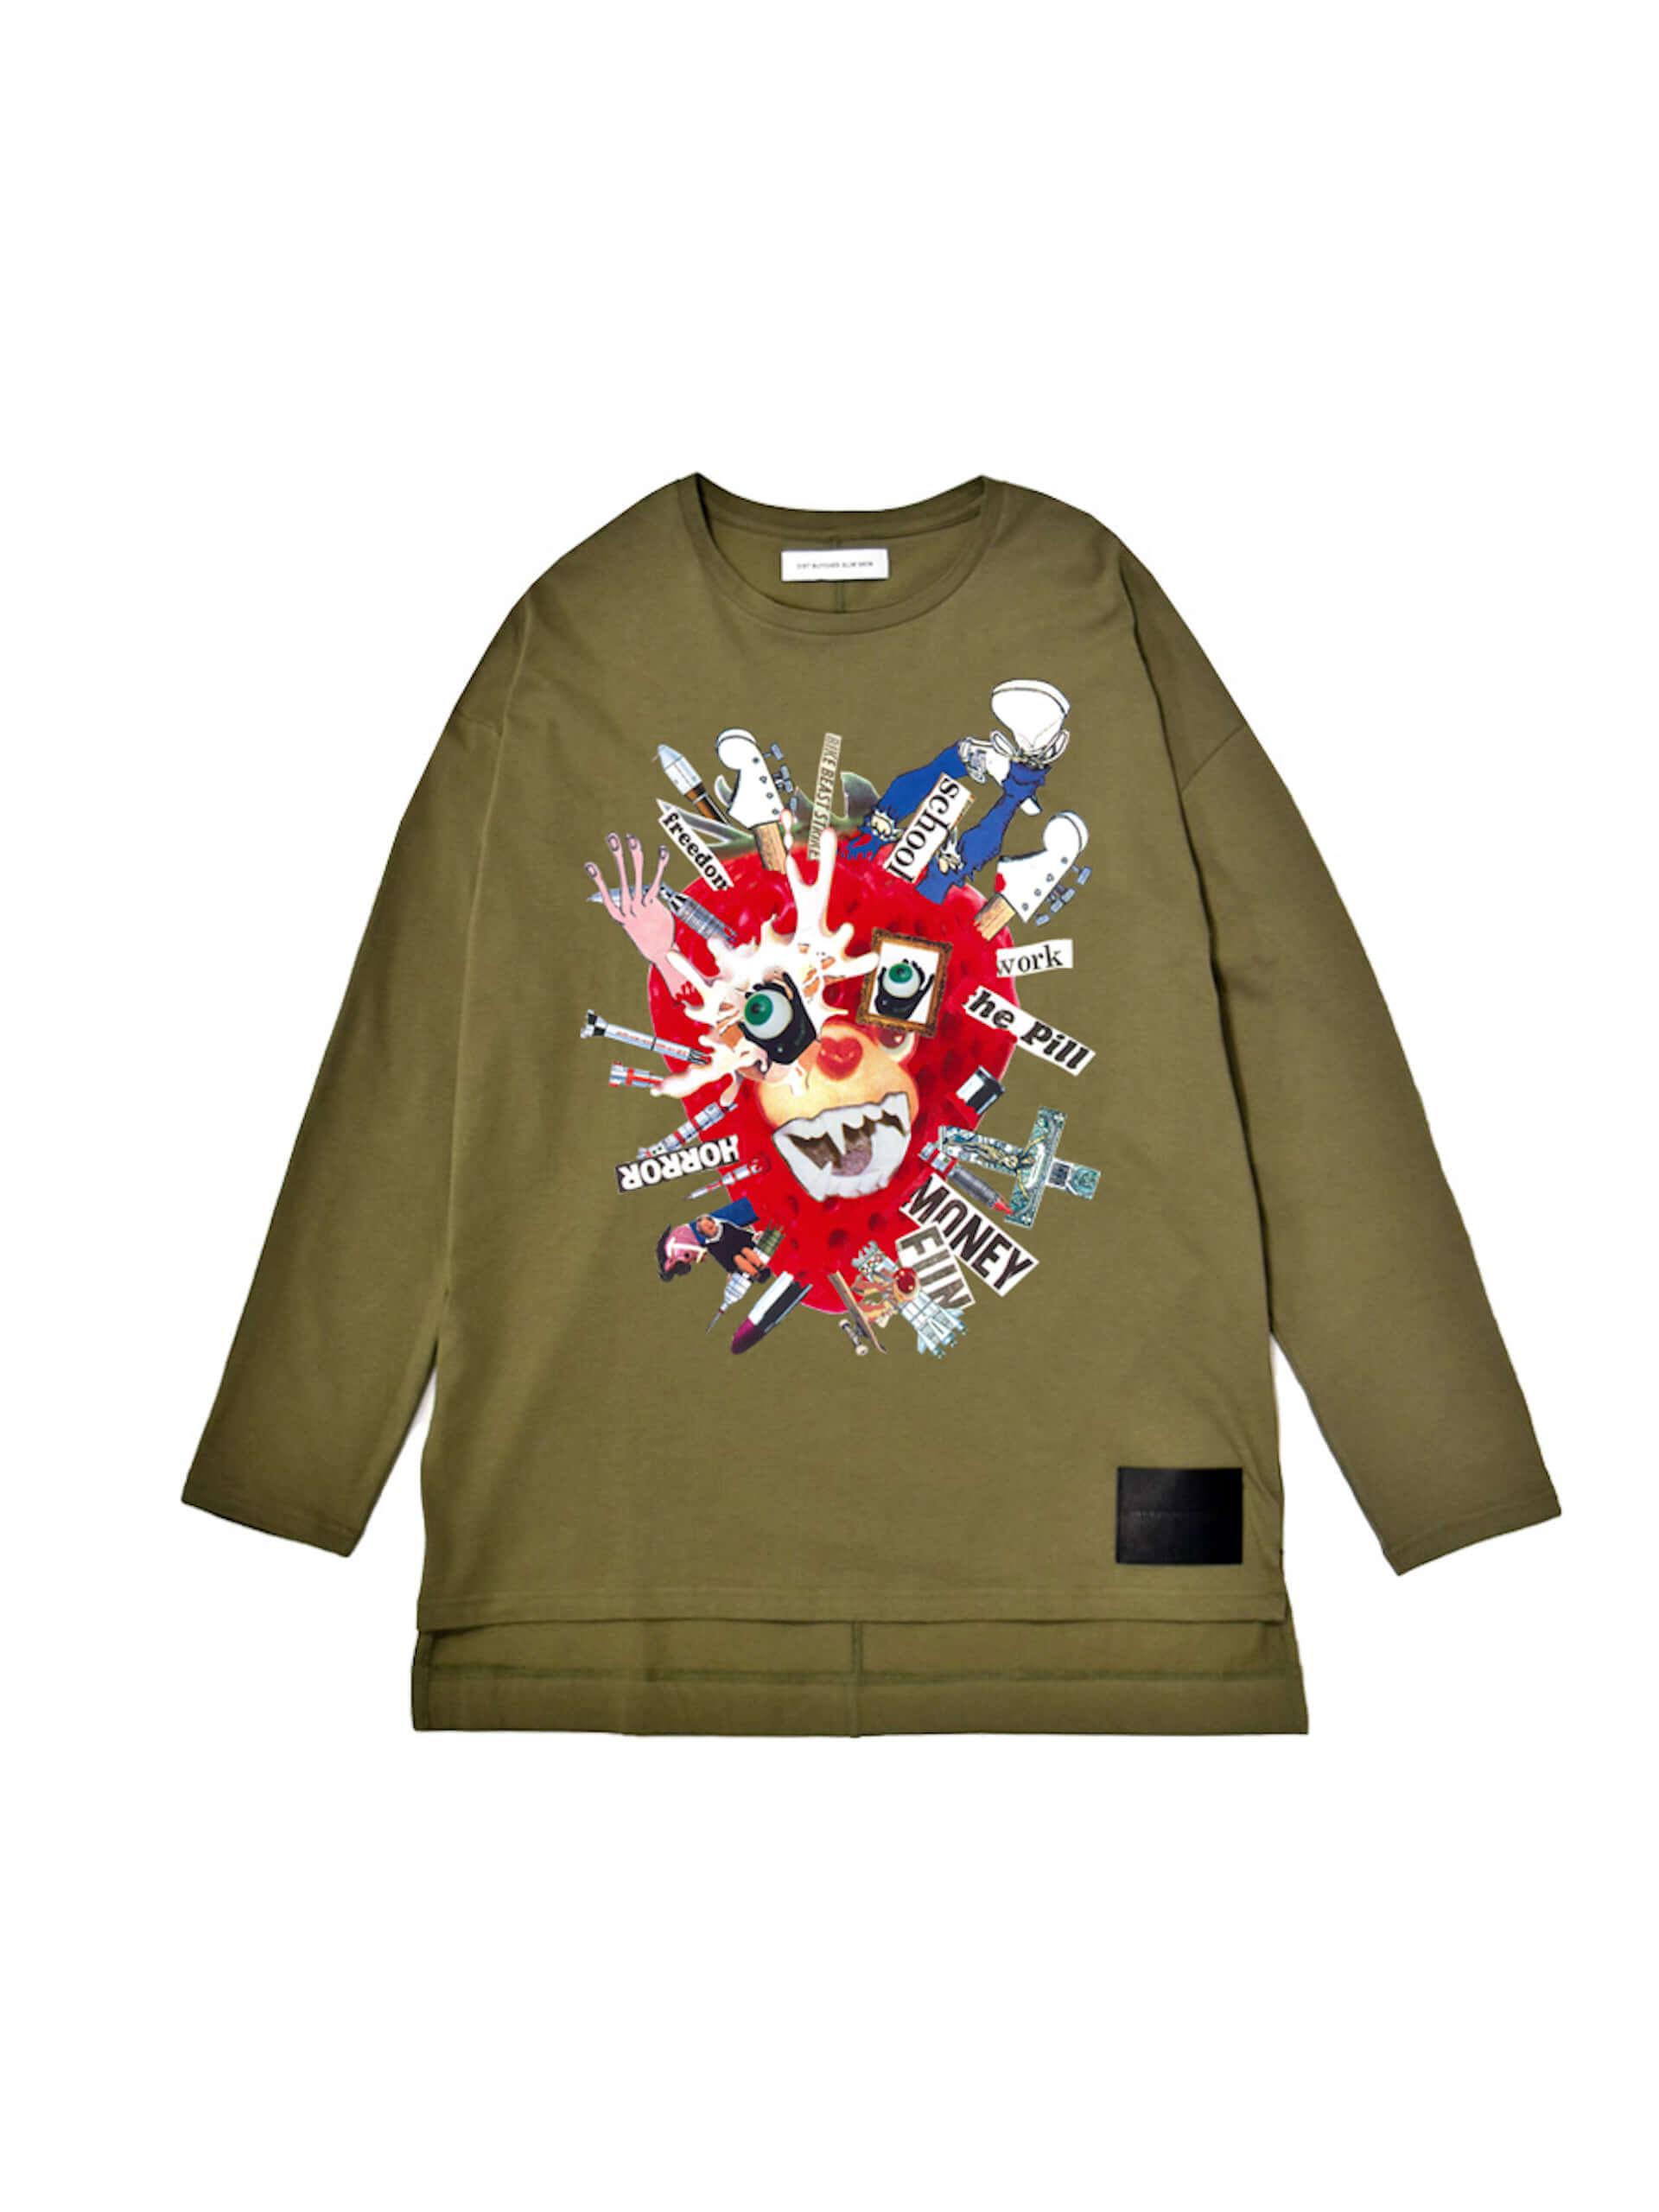 DIET BUTCHER SLIM SKINオンライン限定Tシャツに12種類のグラフィックが復刻!「GRAPHIC GALLERY」カテゴリがオープン 200415_graphic_gallery_15-1920x2560